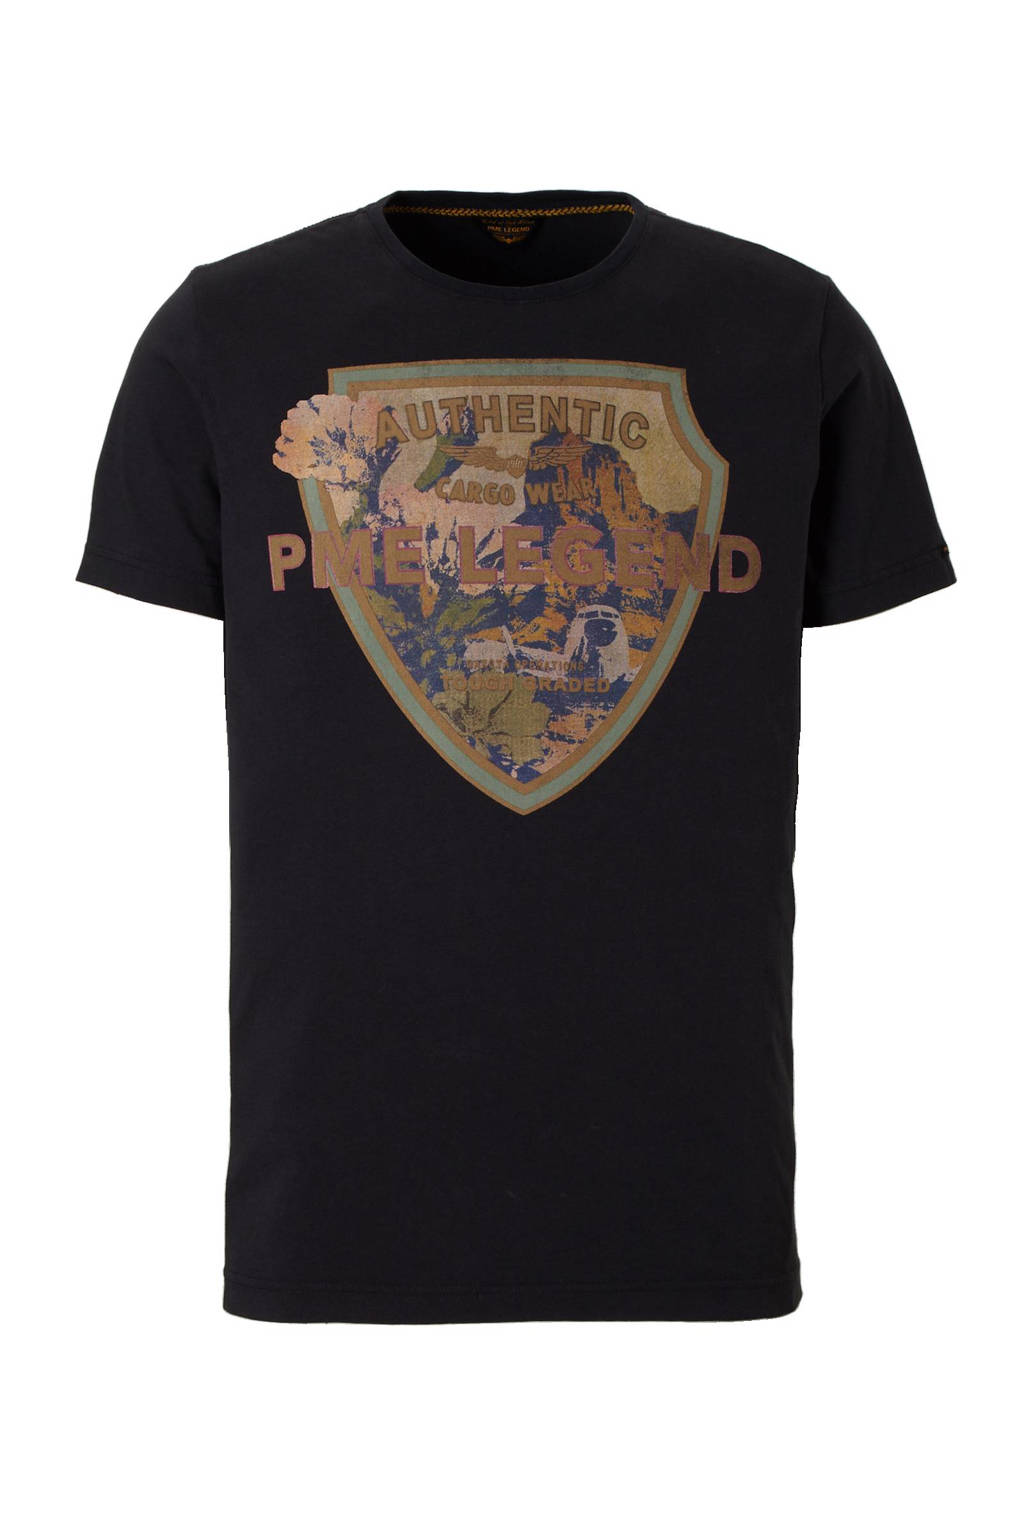 Pme shirt shirt Legend Legend Pme T T Pme oWBrdeQCx